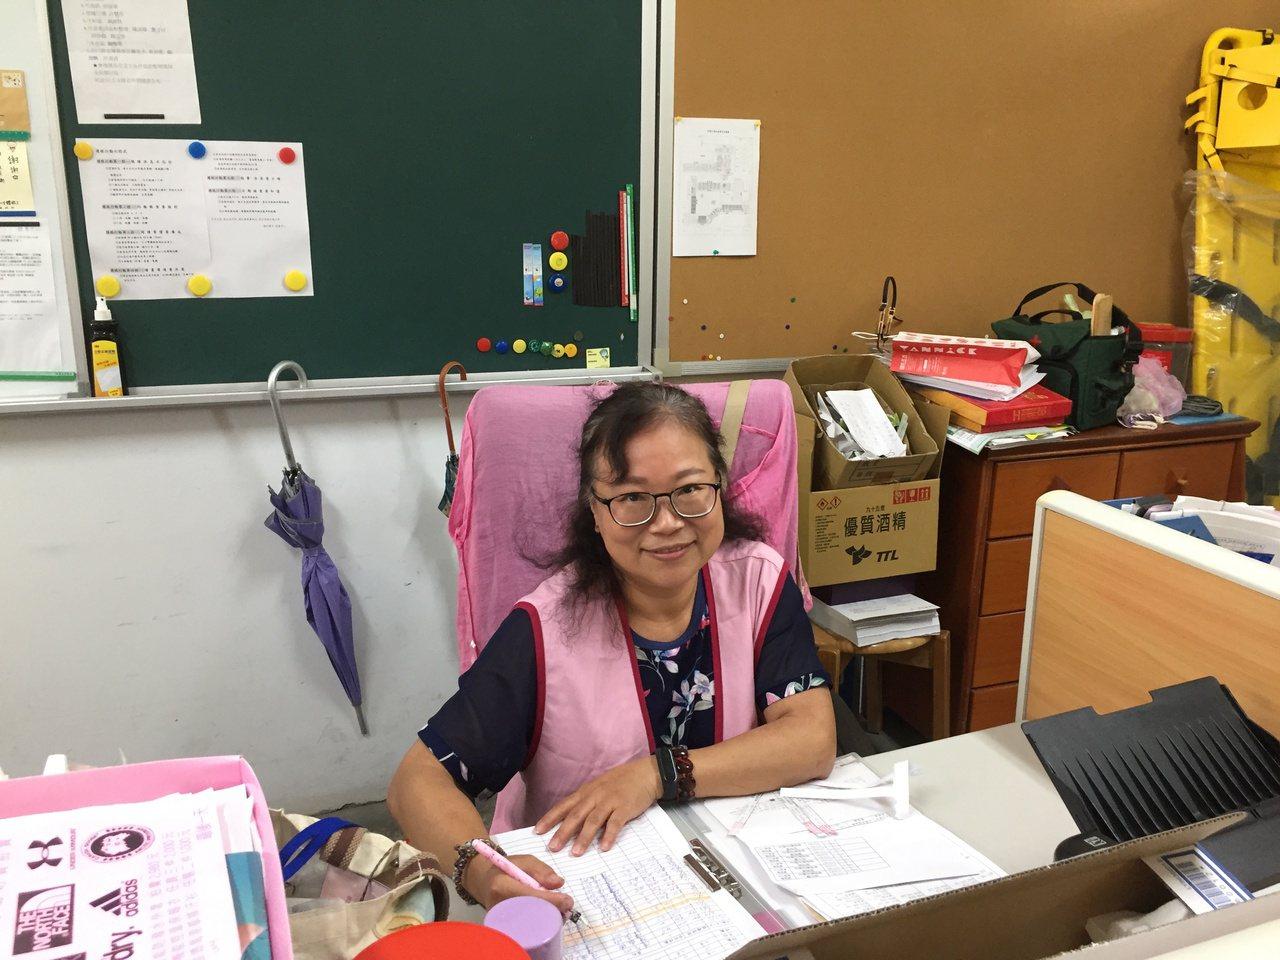 陳淑卿在福和國中擔任12年的保健室志工,她說,哭泣會讓全身肌肉緊繃,傷口也會更痛...